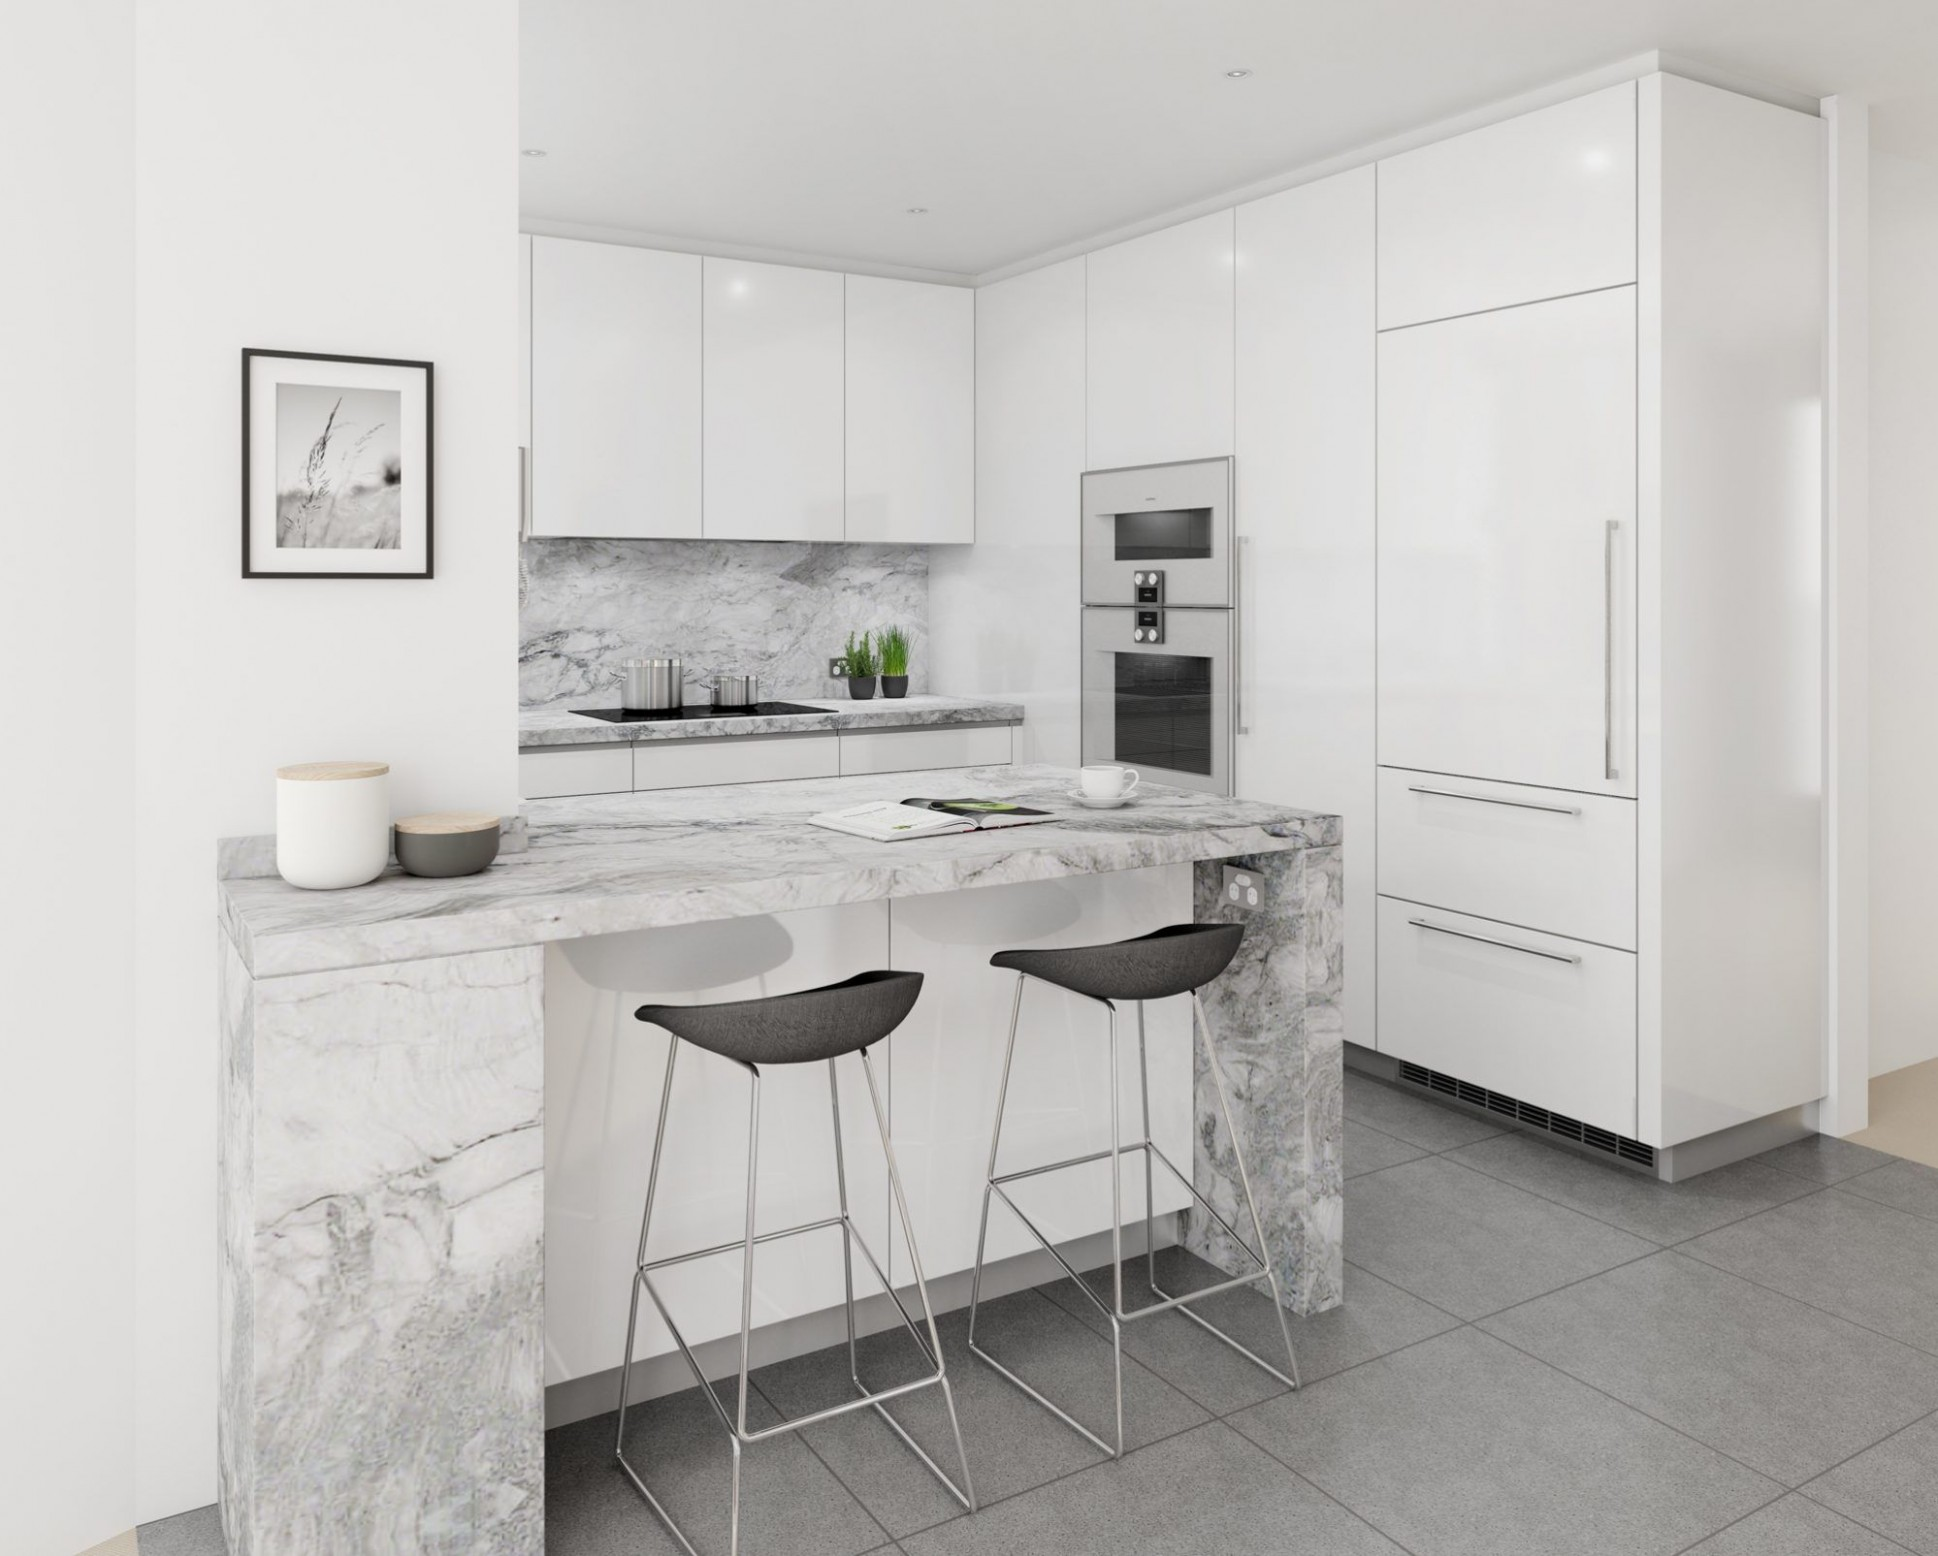 Modern Luxury Kitchen Designs  Luxury Kitchen Designs  Dan  - Apartment Kitchen Design Sydney